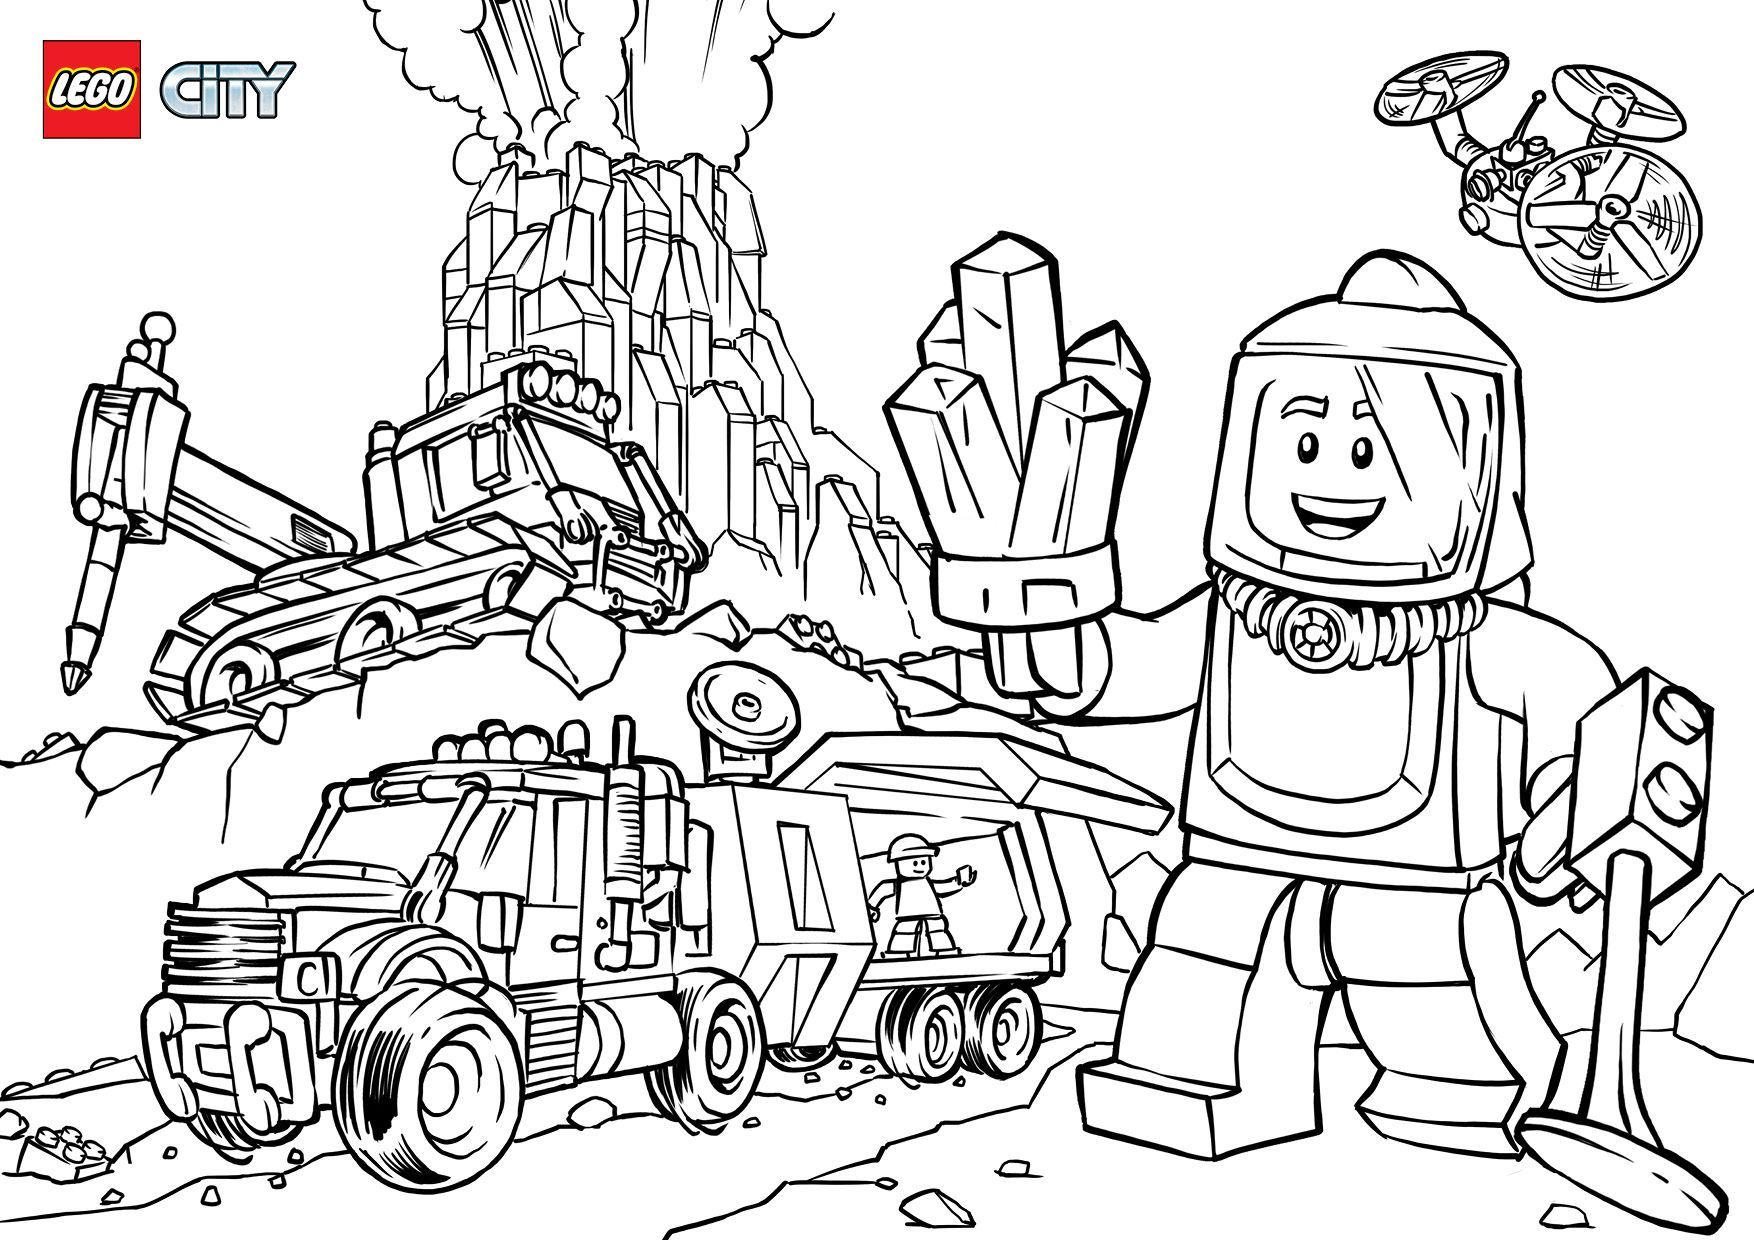 Lego City Malvorlagen Zum Ausdrucken | Lego stadt ...